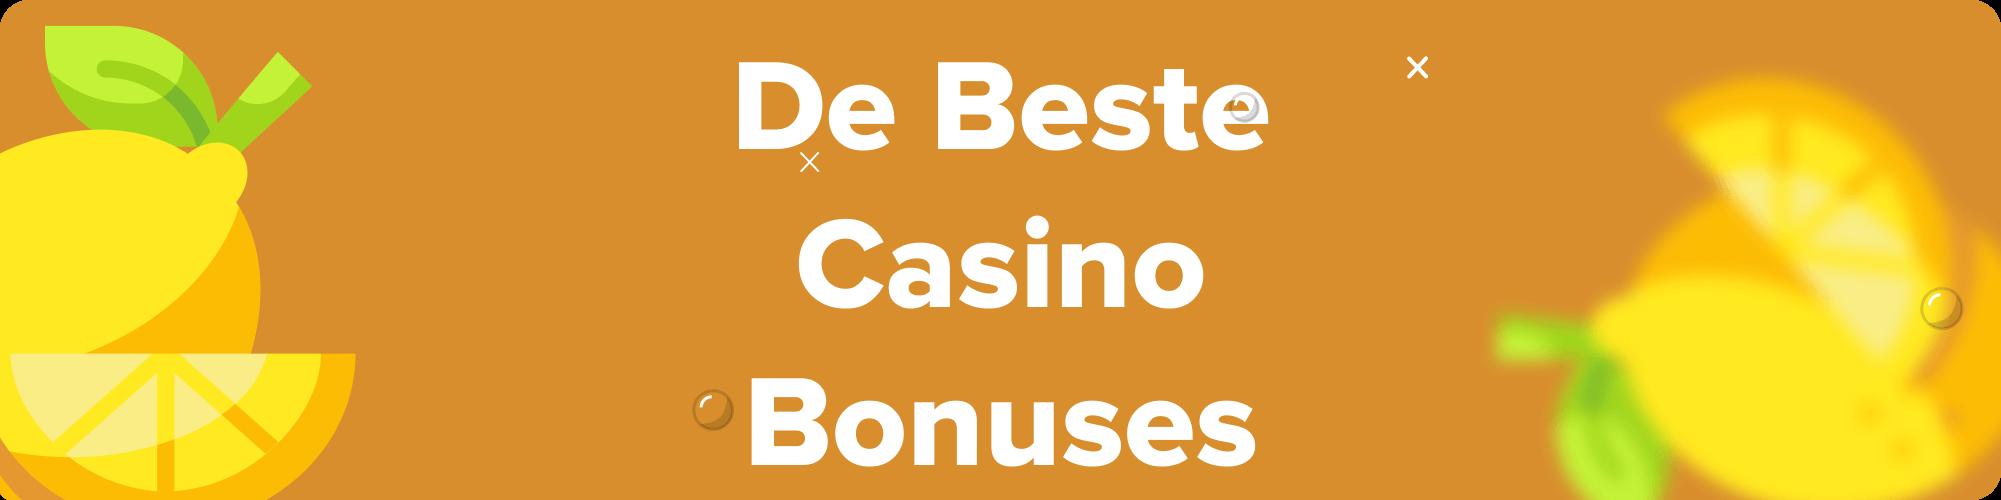 casino bonuses in legale casino's